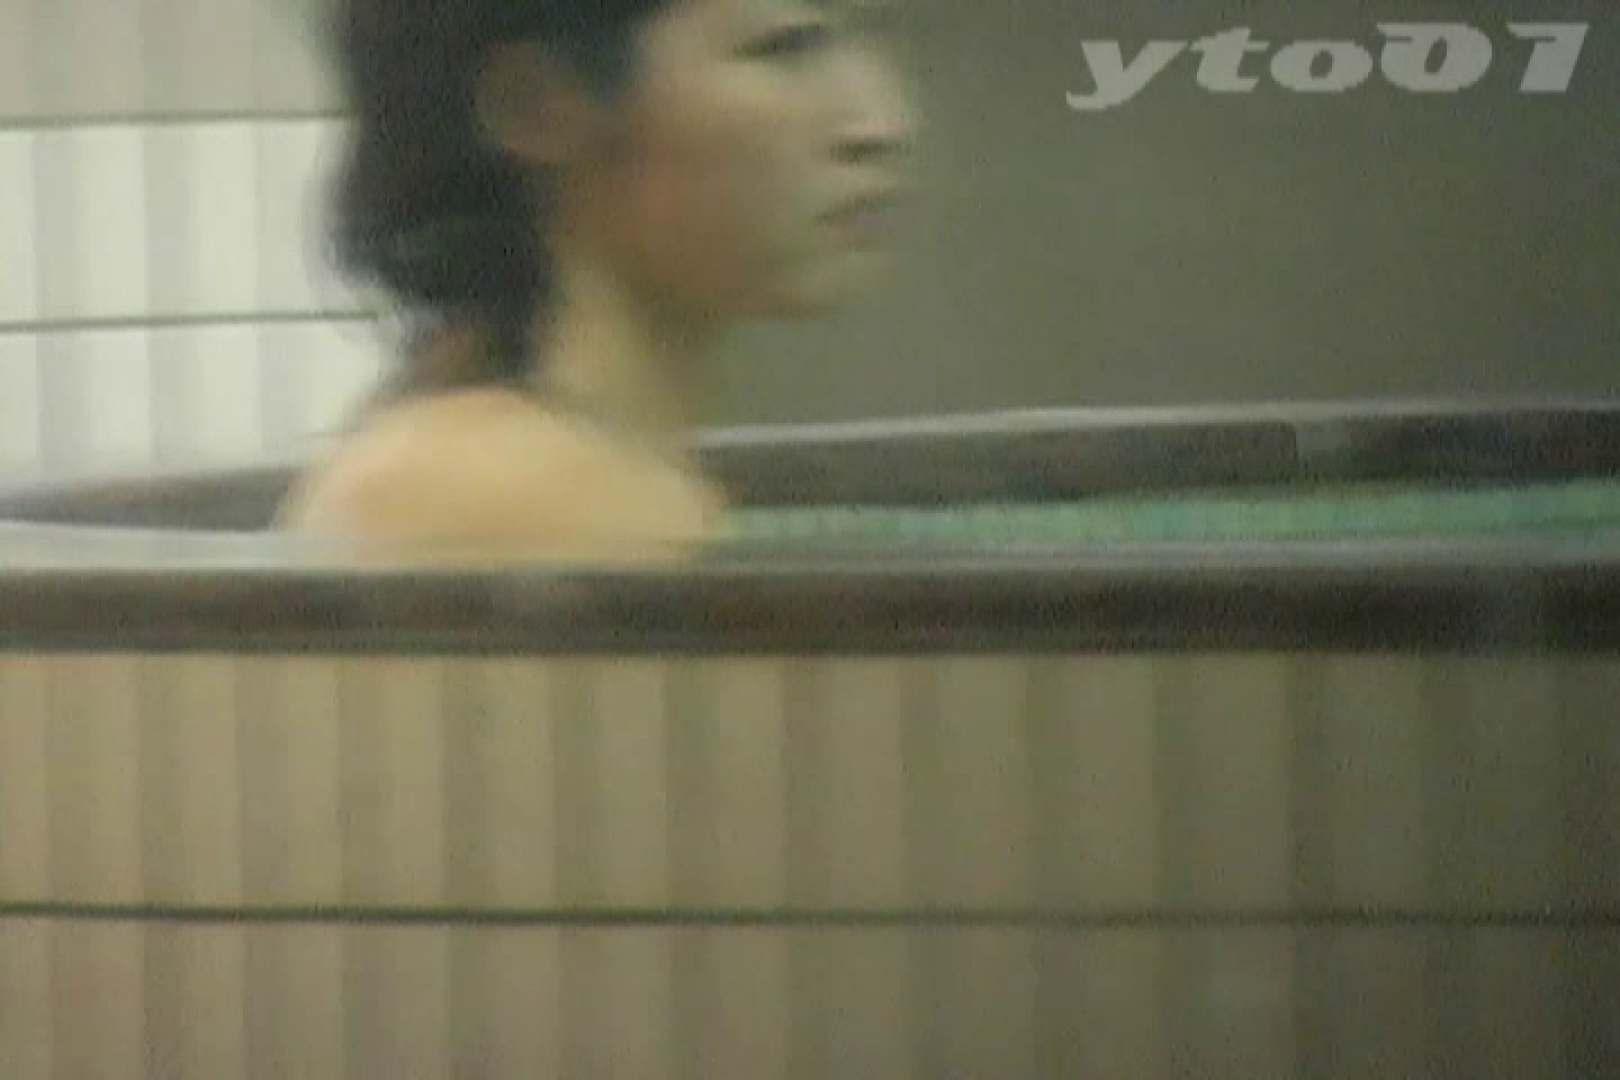 ▲復活限定▲合宿ホテル女風呂盗撮 Vol.06 色っぽいOL達 のぞき動画画像 85pic 16